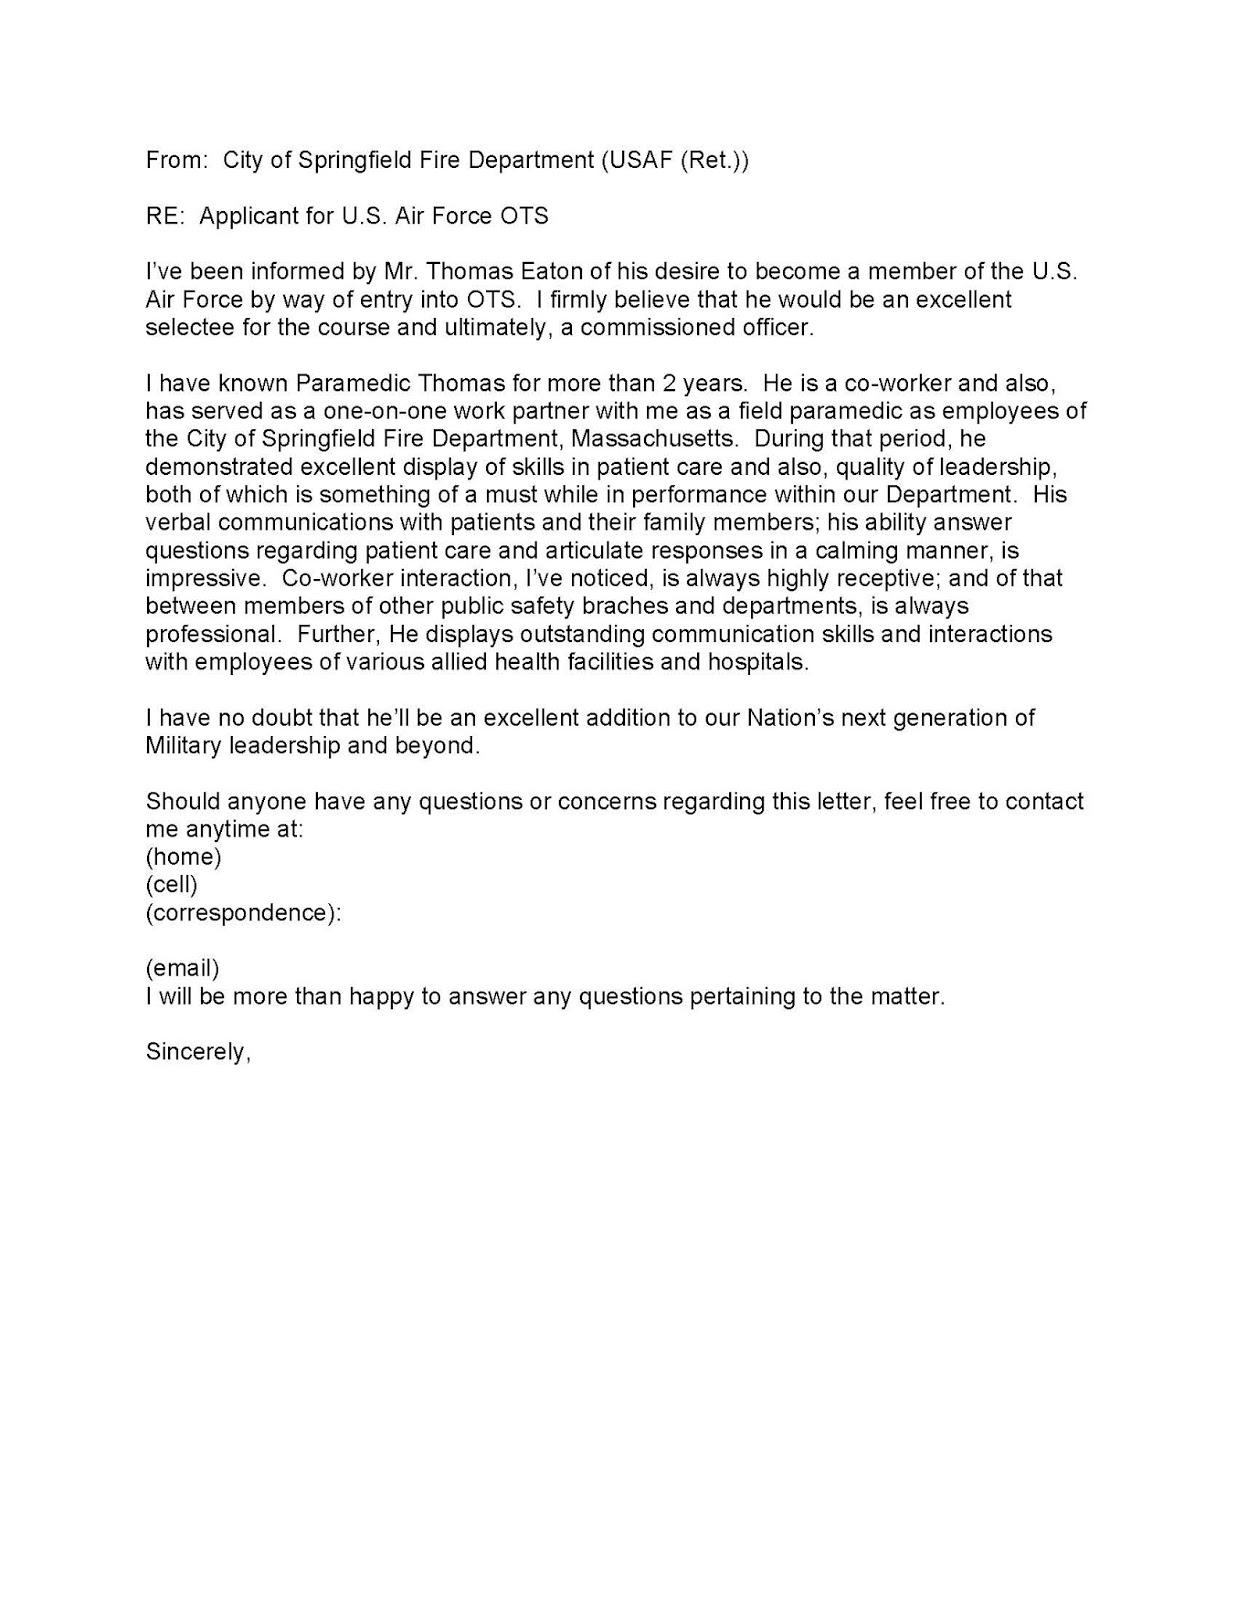 Custom admission essay ucla jobs